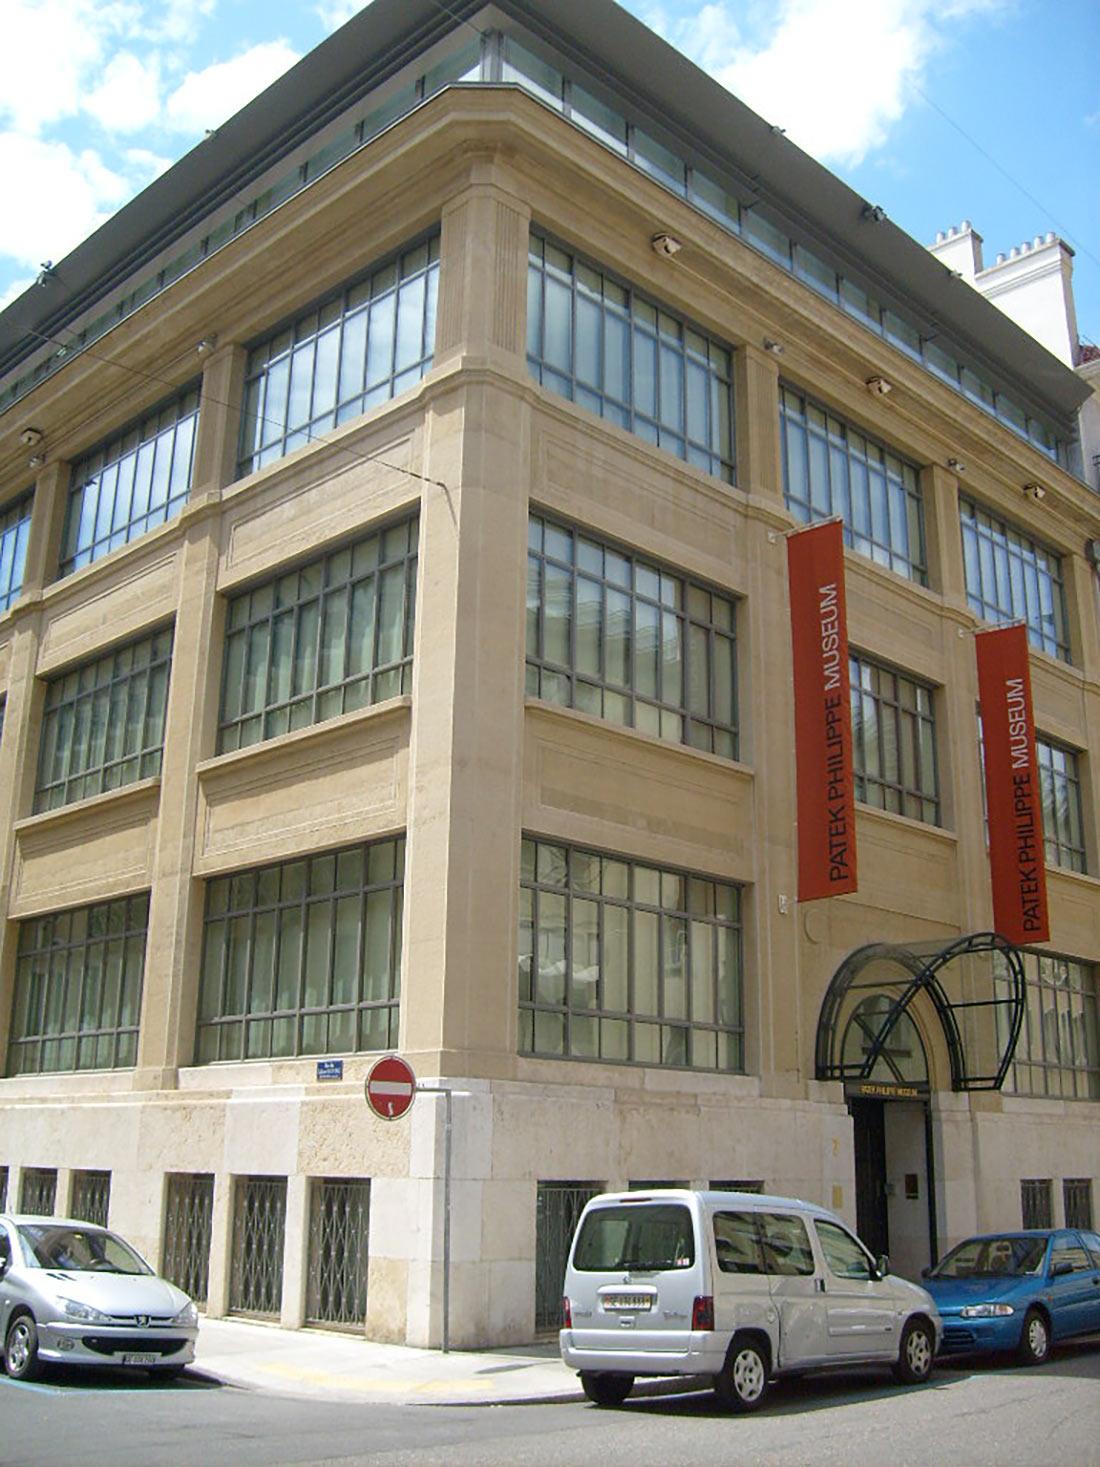 Музей Патек Филипп